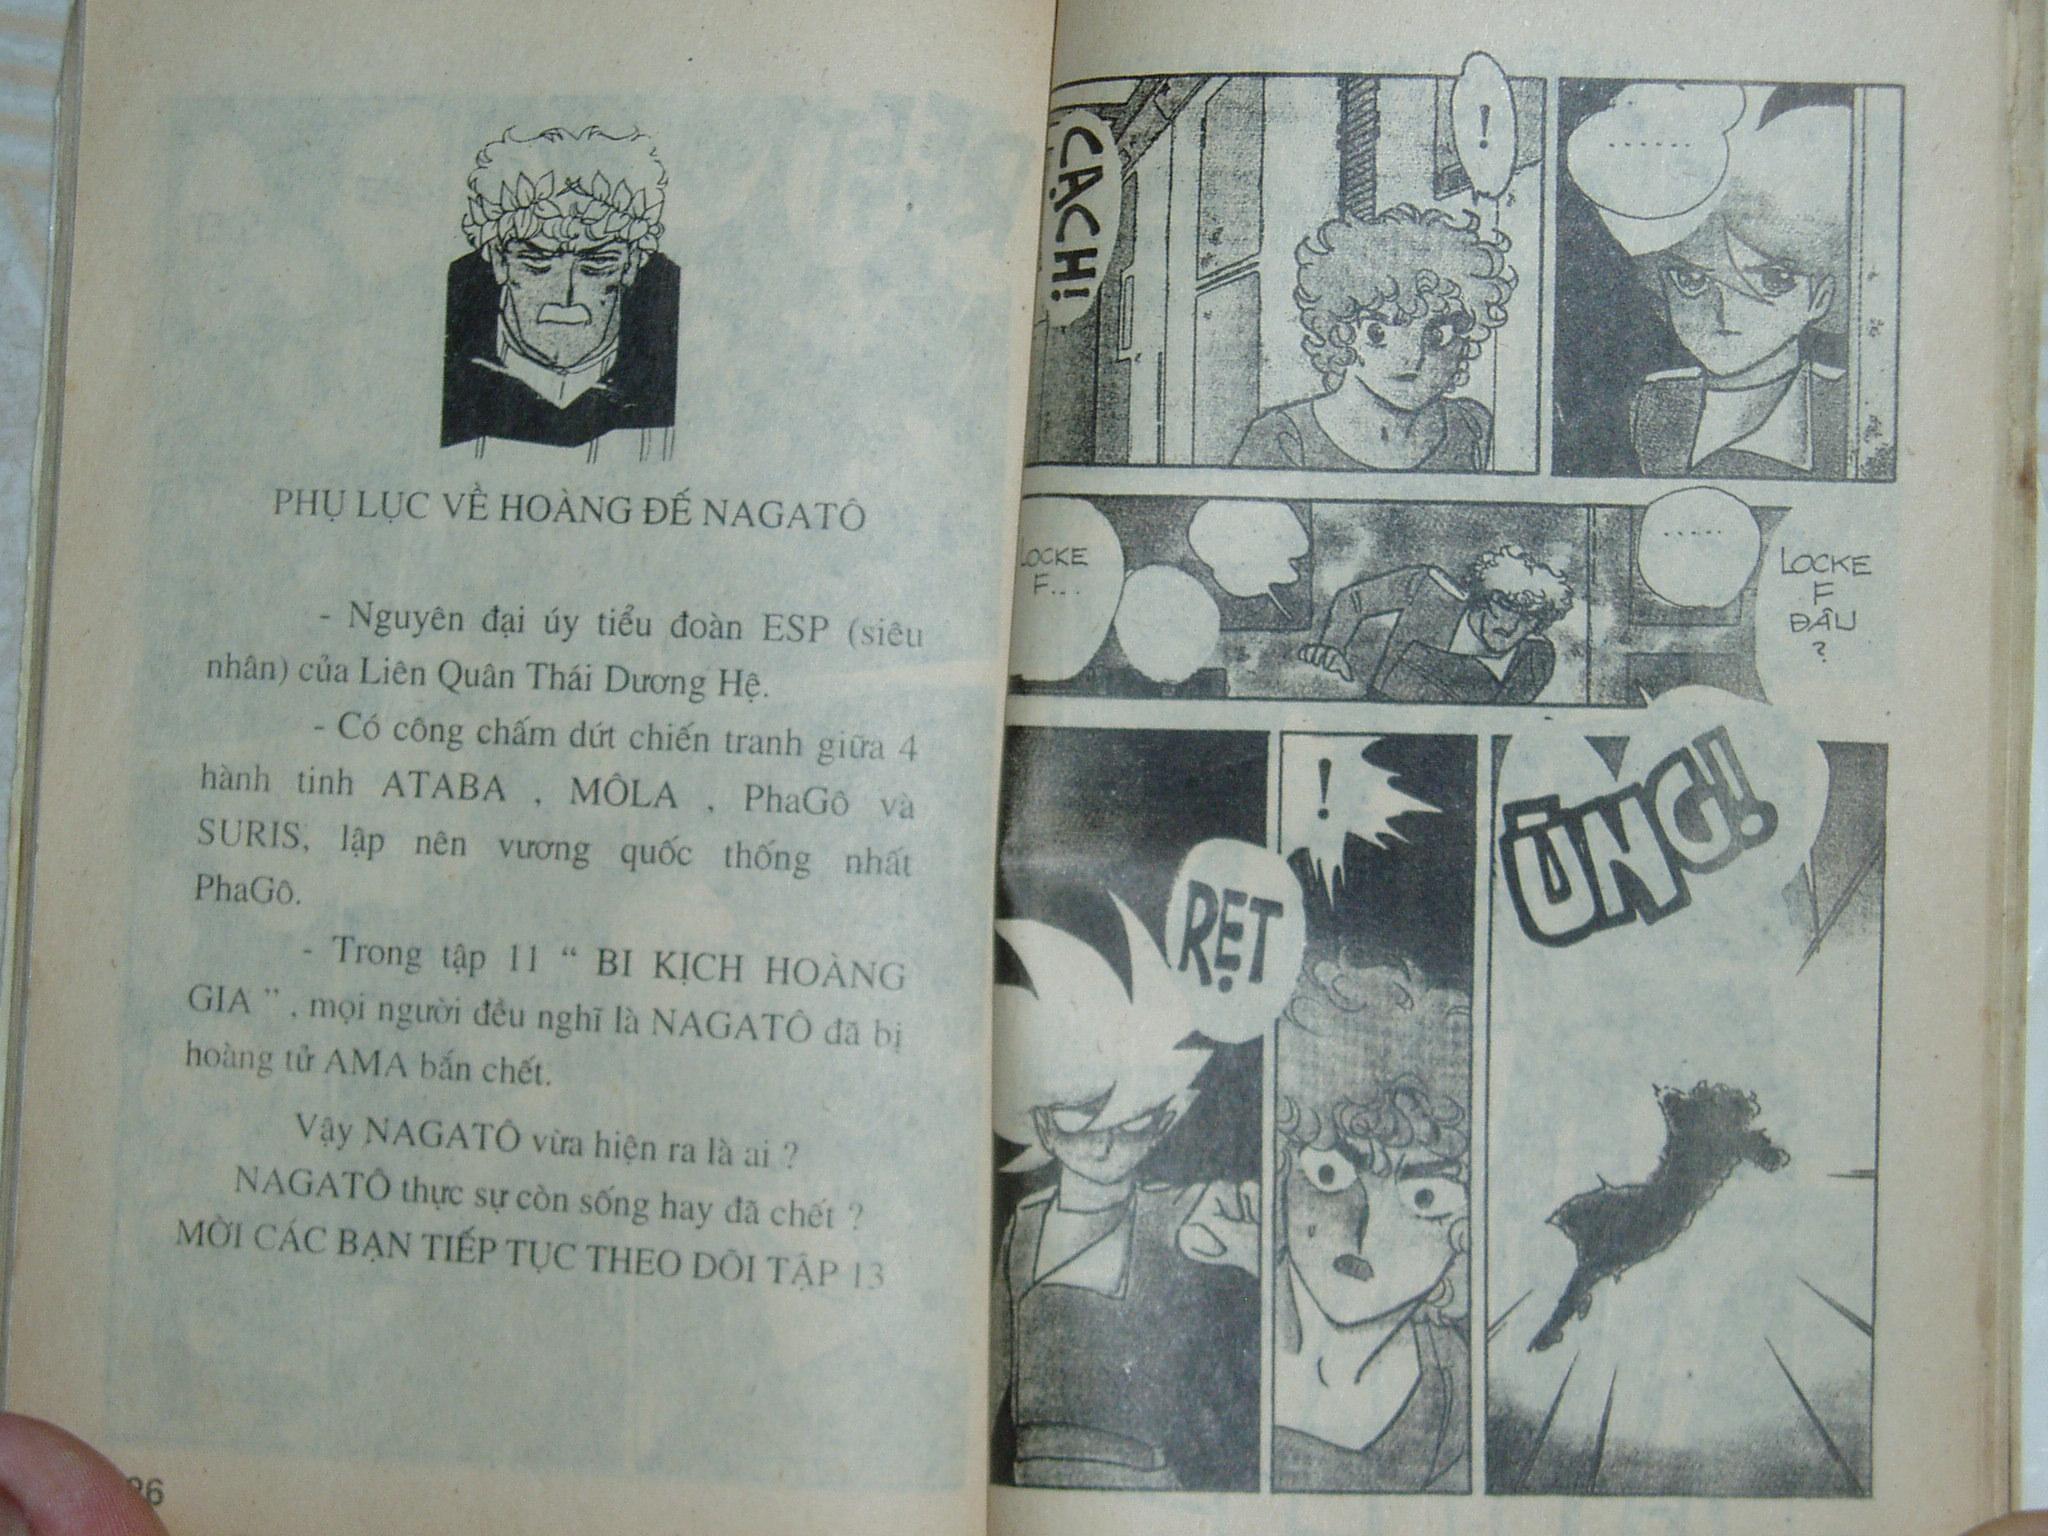 Siêu nhân Locke vol 13 trang 60